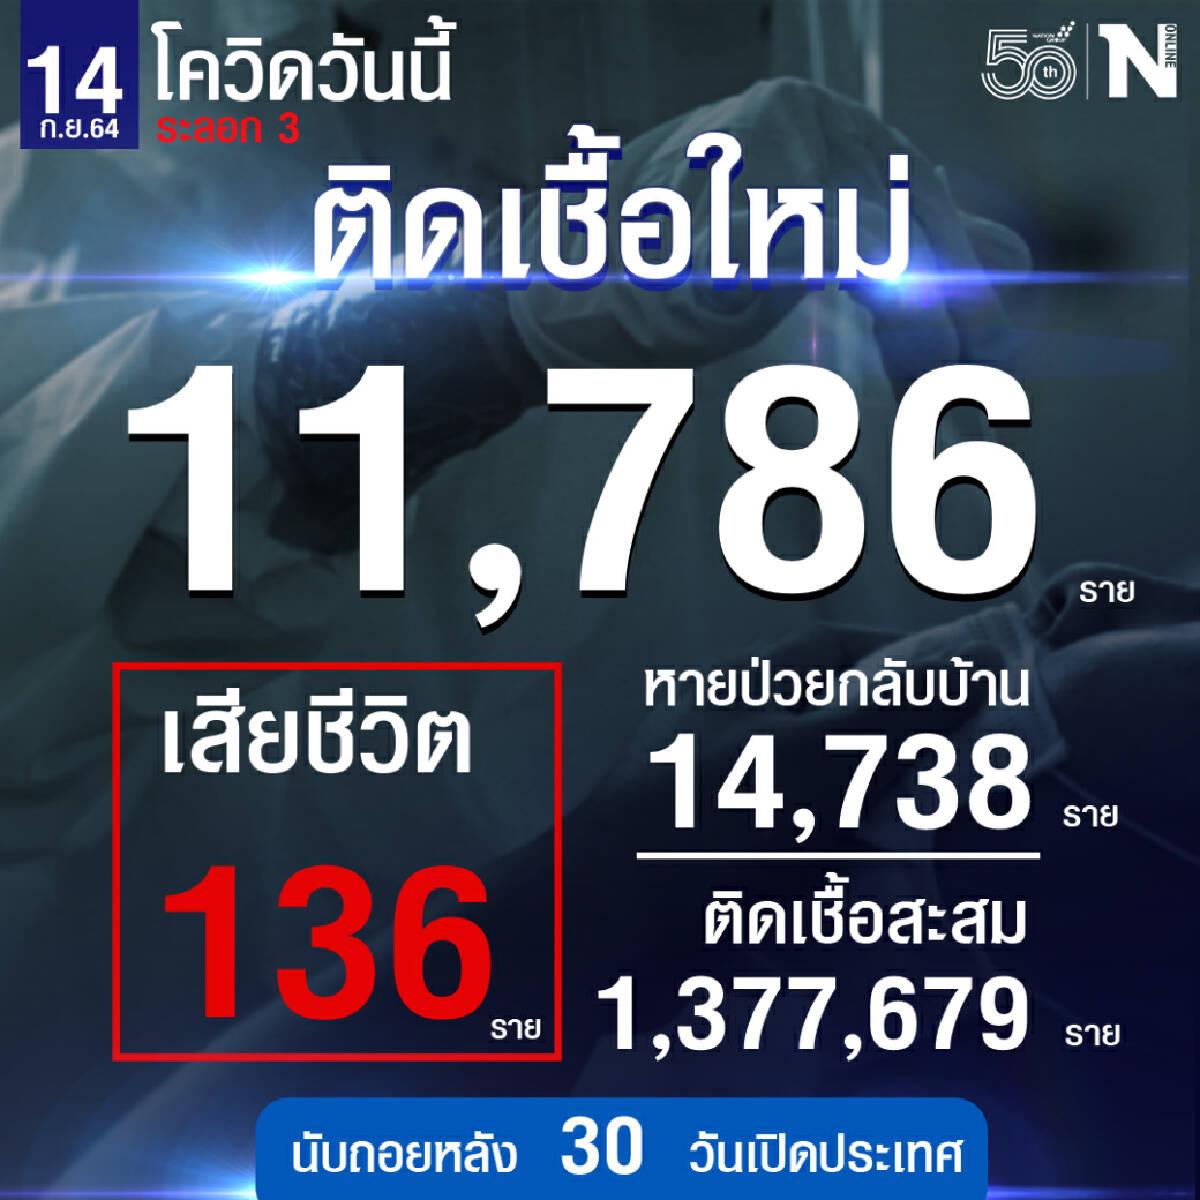 ศบค. เผย ยอดผู้ติดเชื้อวันนี้รวม 11,786 หายป่วย 14,738 เสียชีวิต 136 ราย